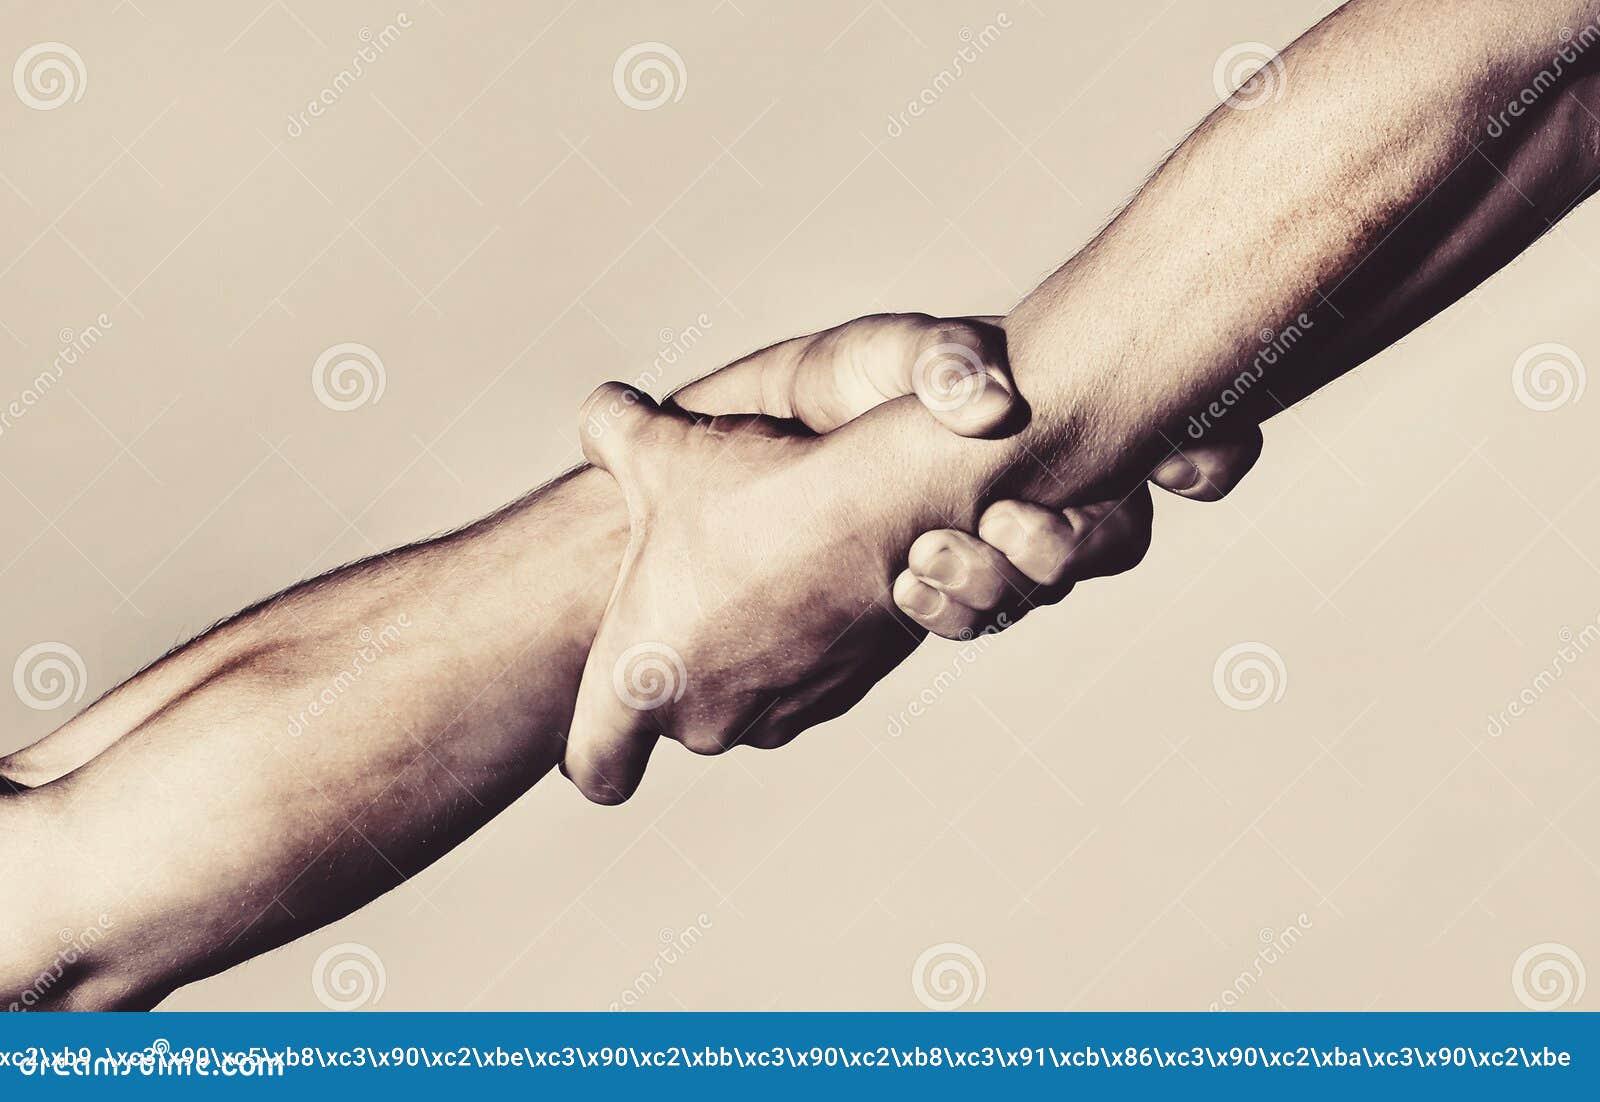 Dwa ręki, pomocna dłoń przyjaciel Uścisk dłoni, ręki, przyjaźń Życzliwy uścisk dłoni, przyjaciele wita, praca zespołowa